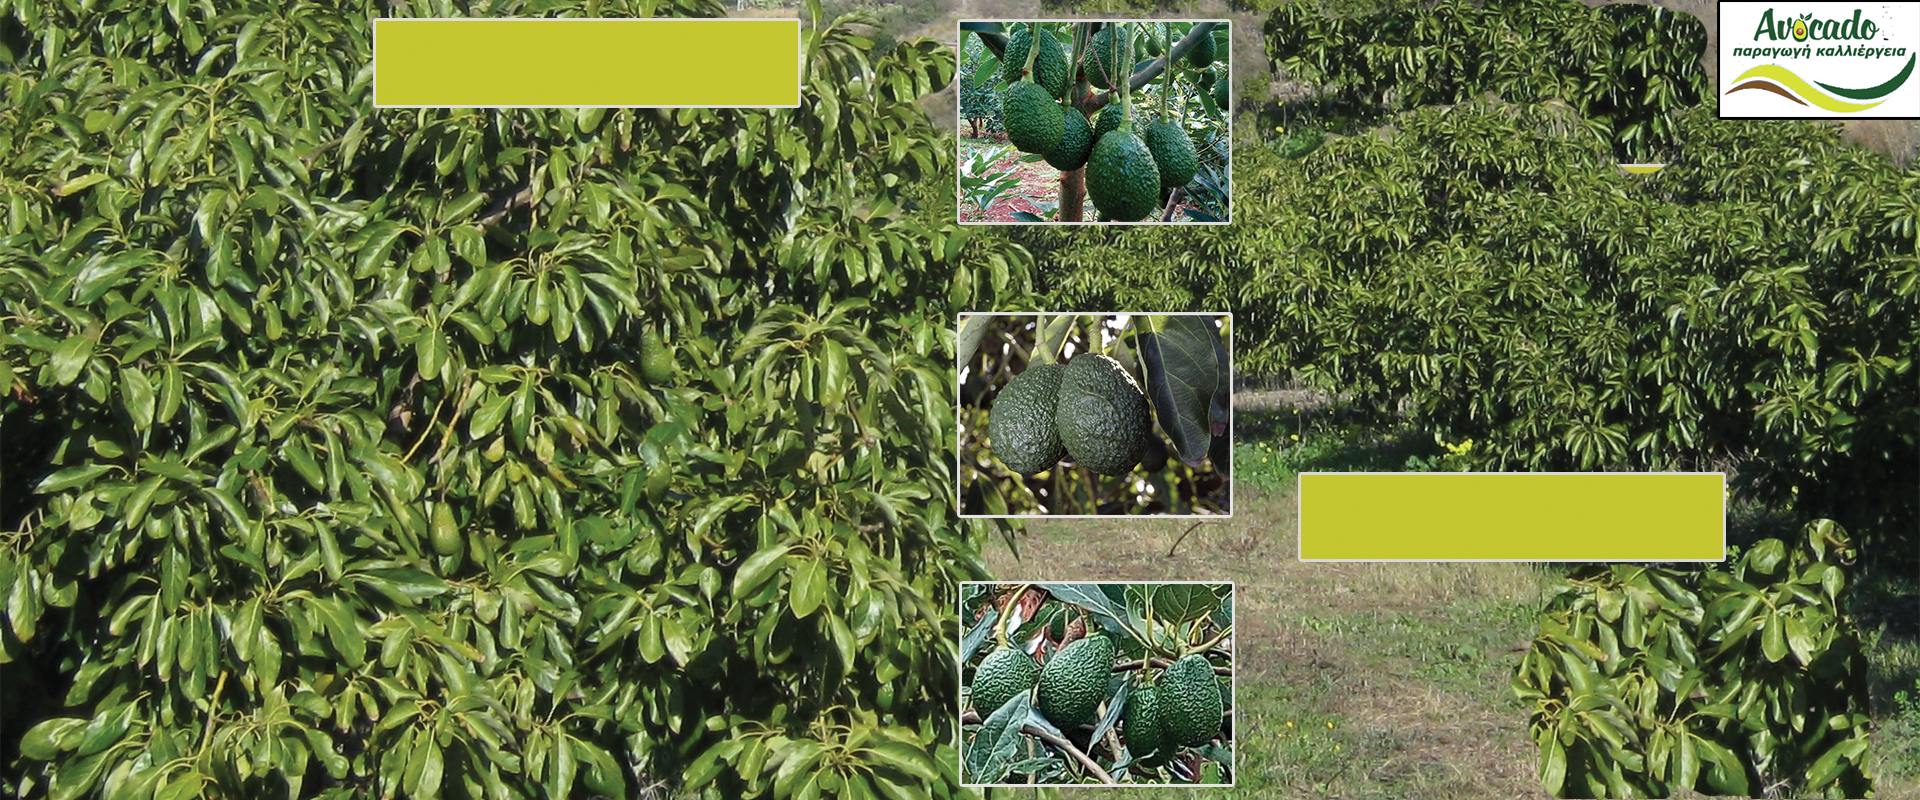 Αβοκάντο, Αρχική σελίδα, Avocado-Crete